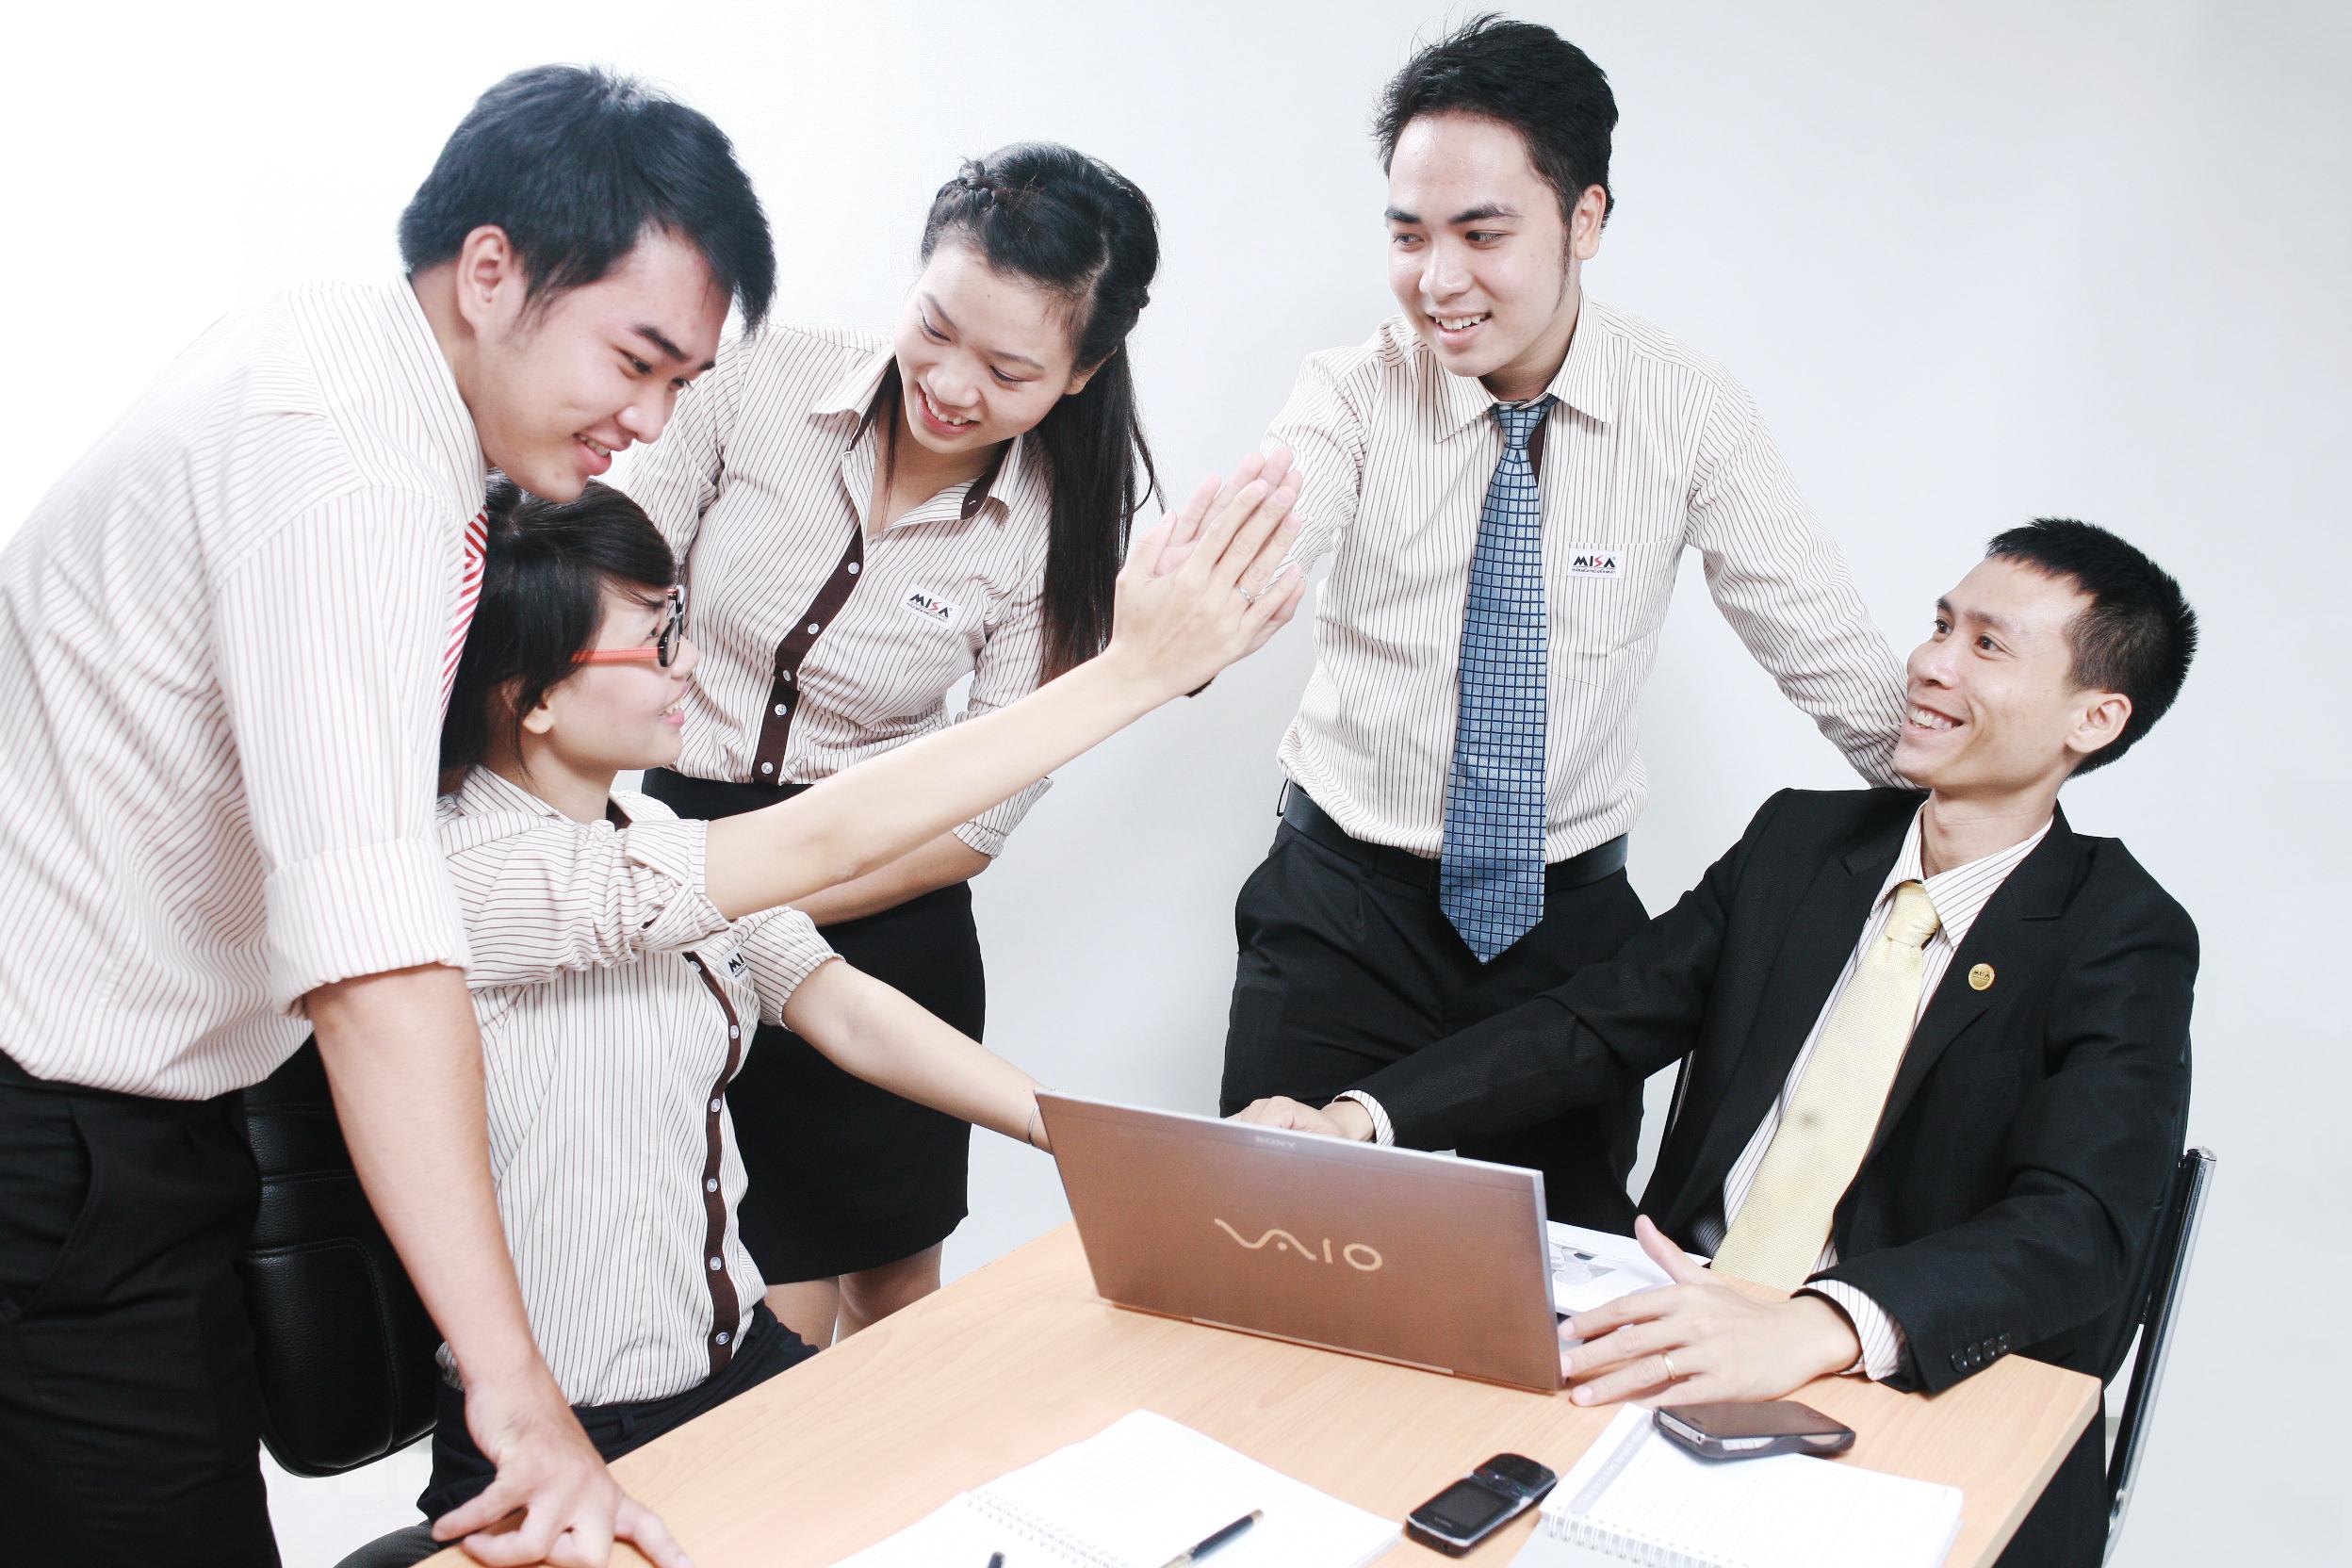 việc làm quản trị kinh doanh